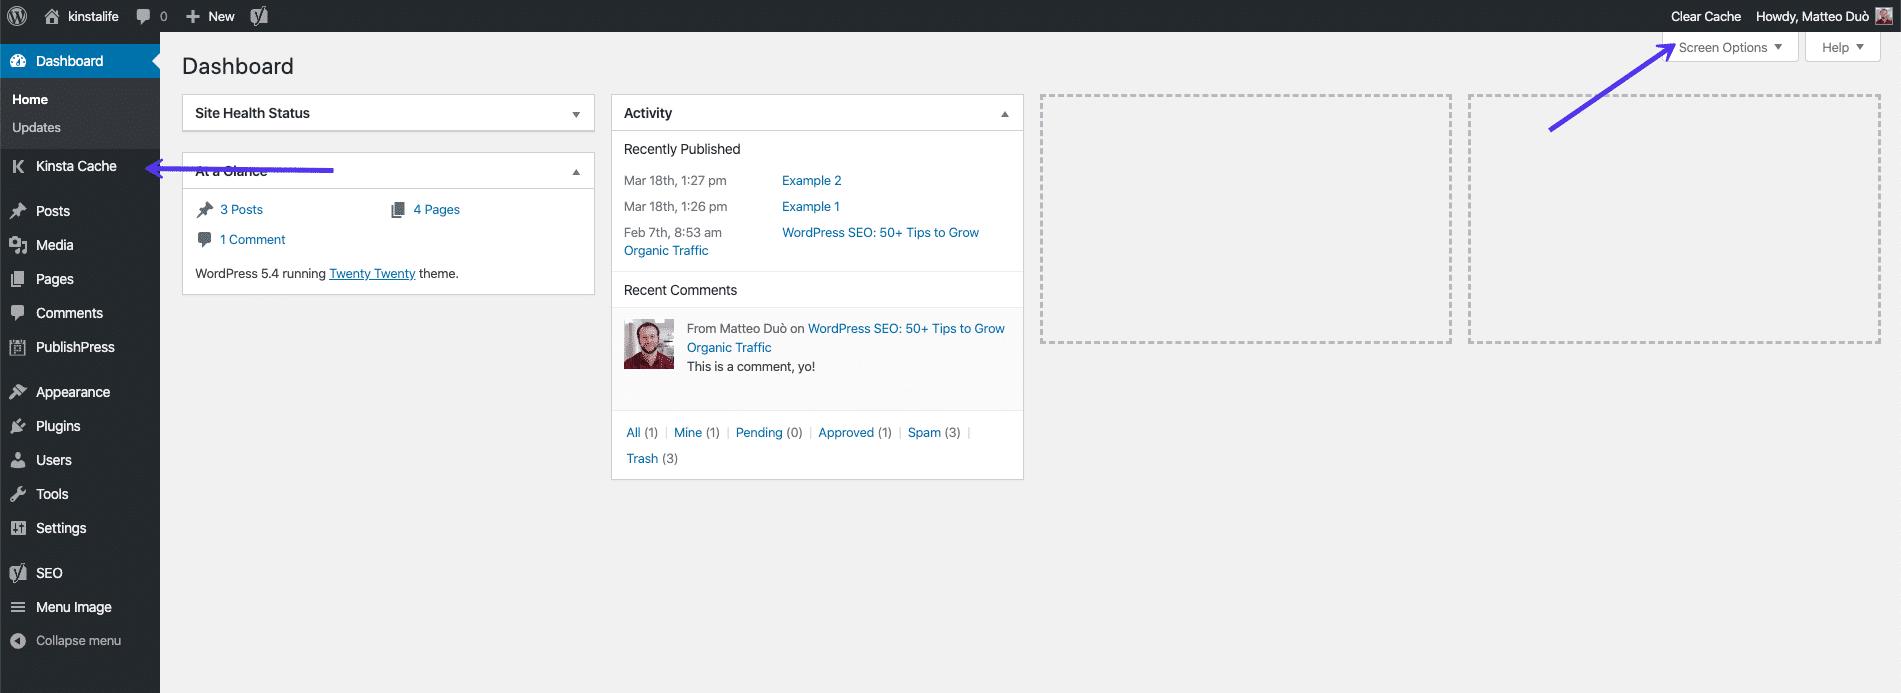 Så här rensar du webbplatsens cacheminne